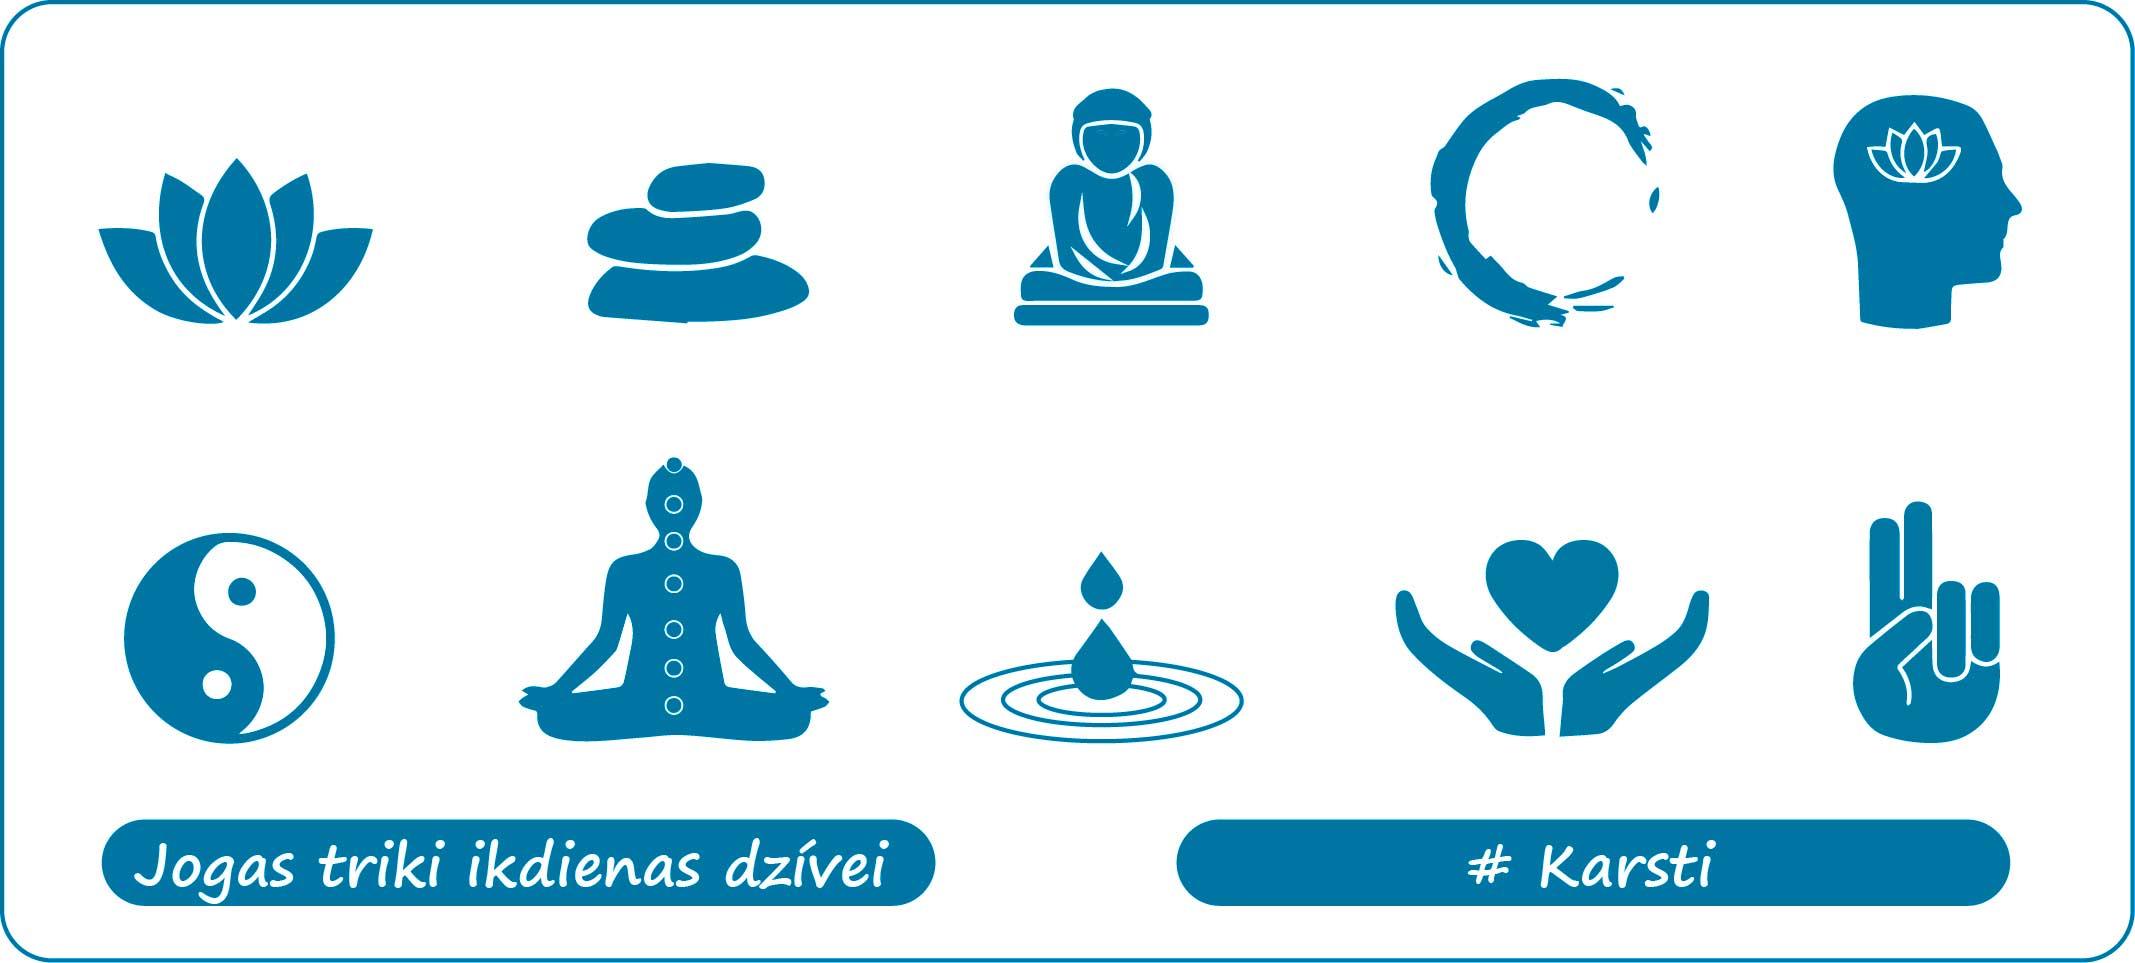 karstā joga, jogas prakses pret karstumu